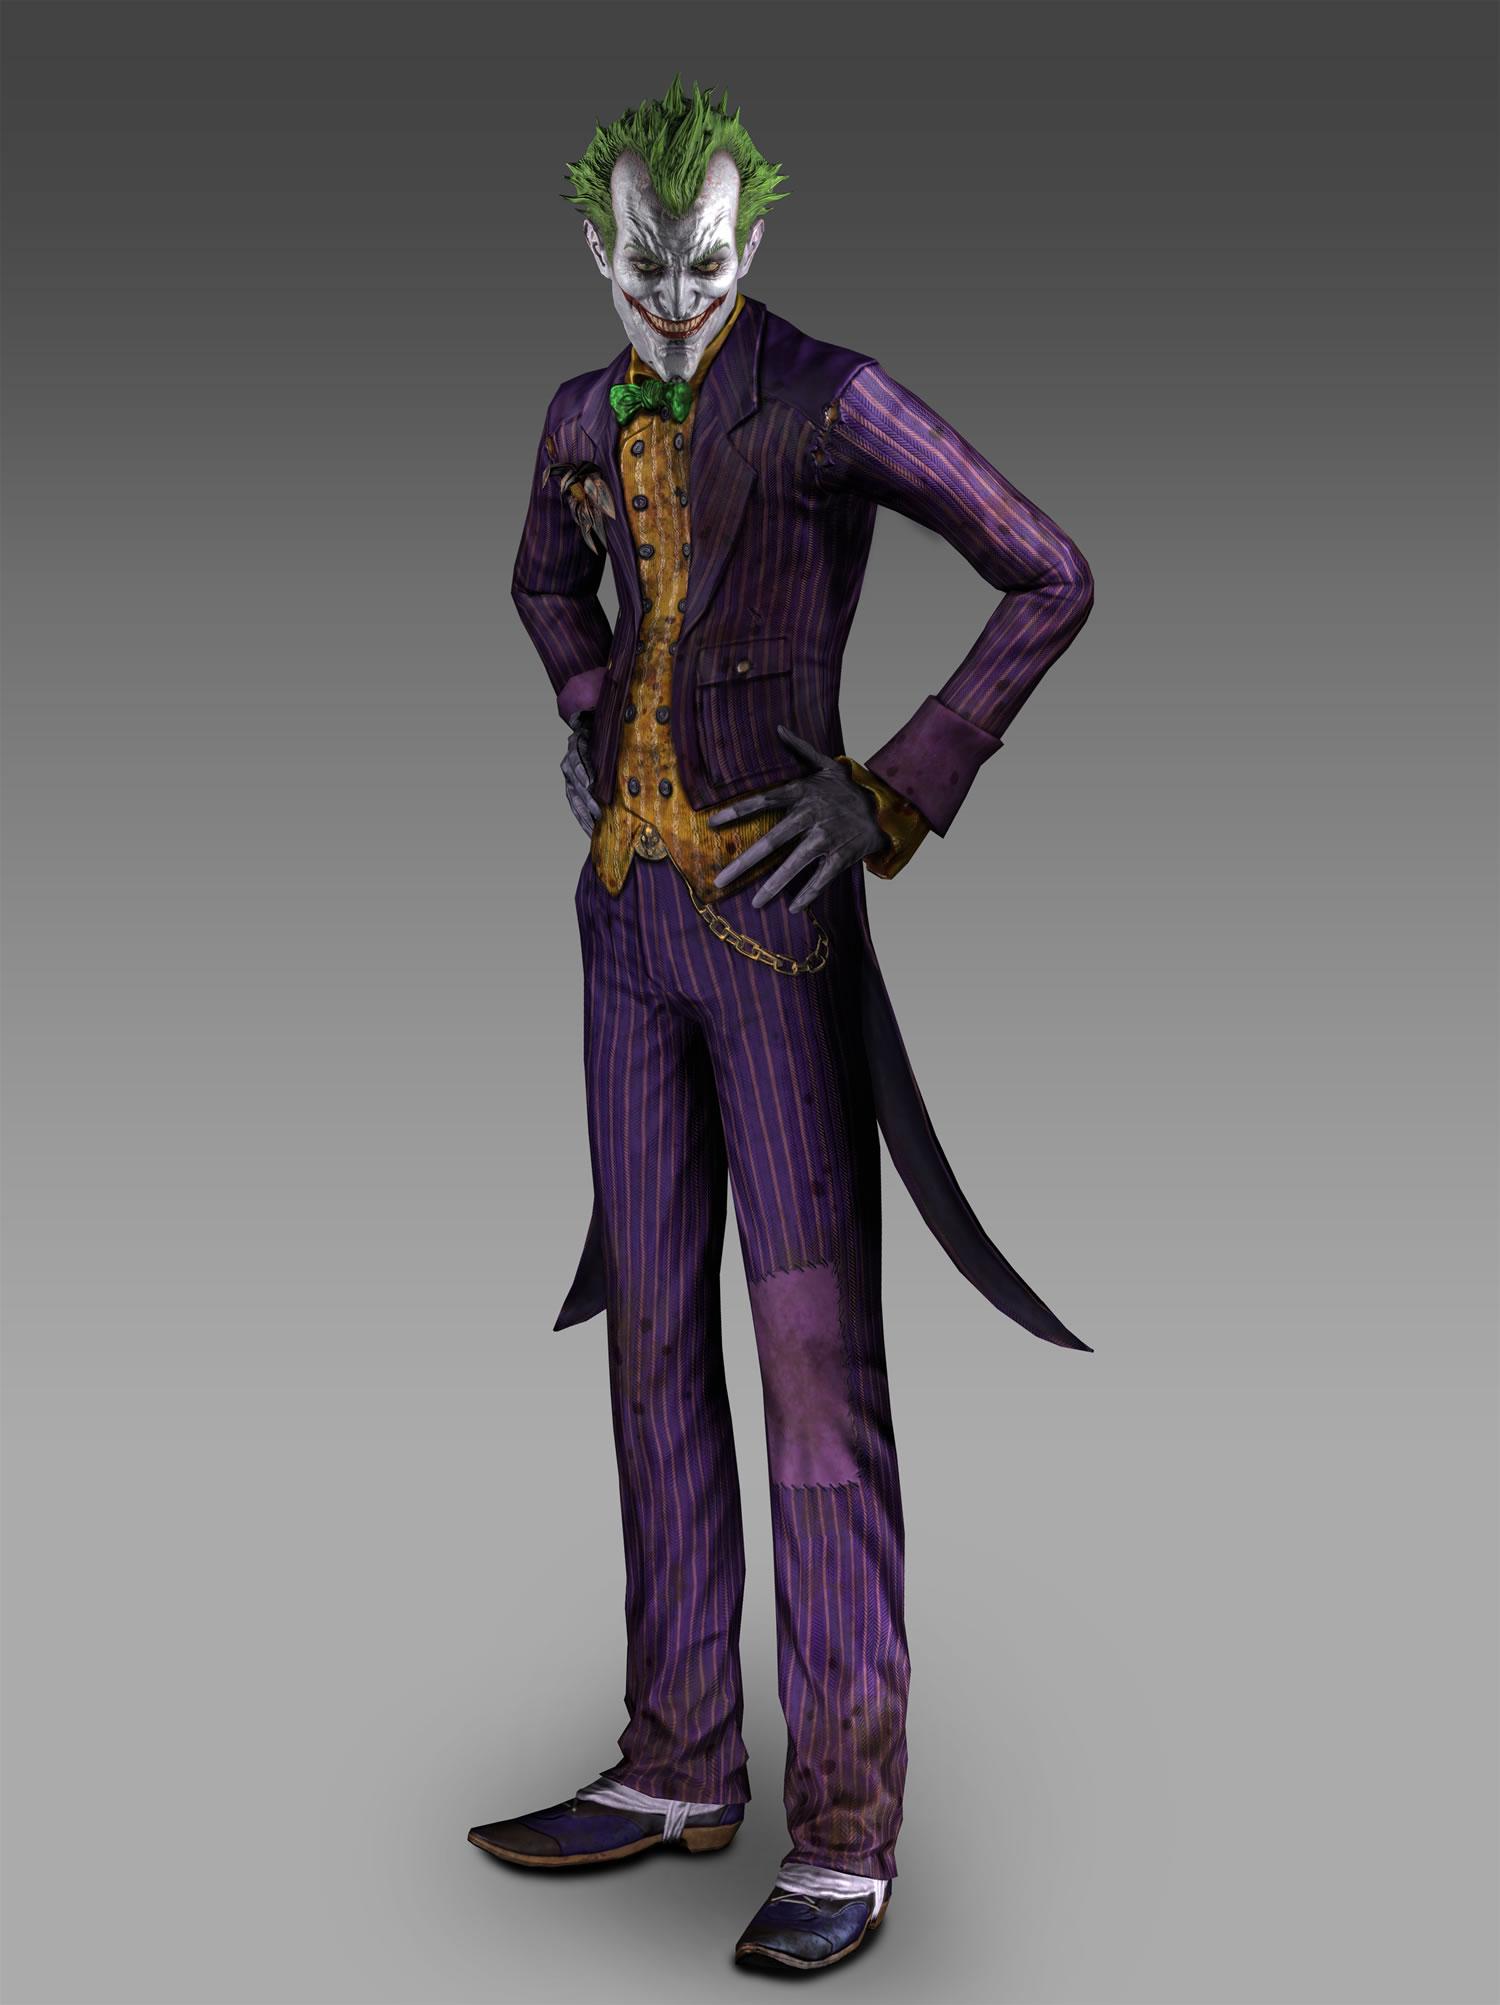 Joker-arkham-asylum.jpg